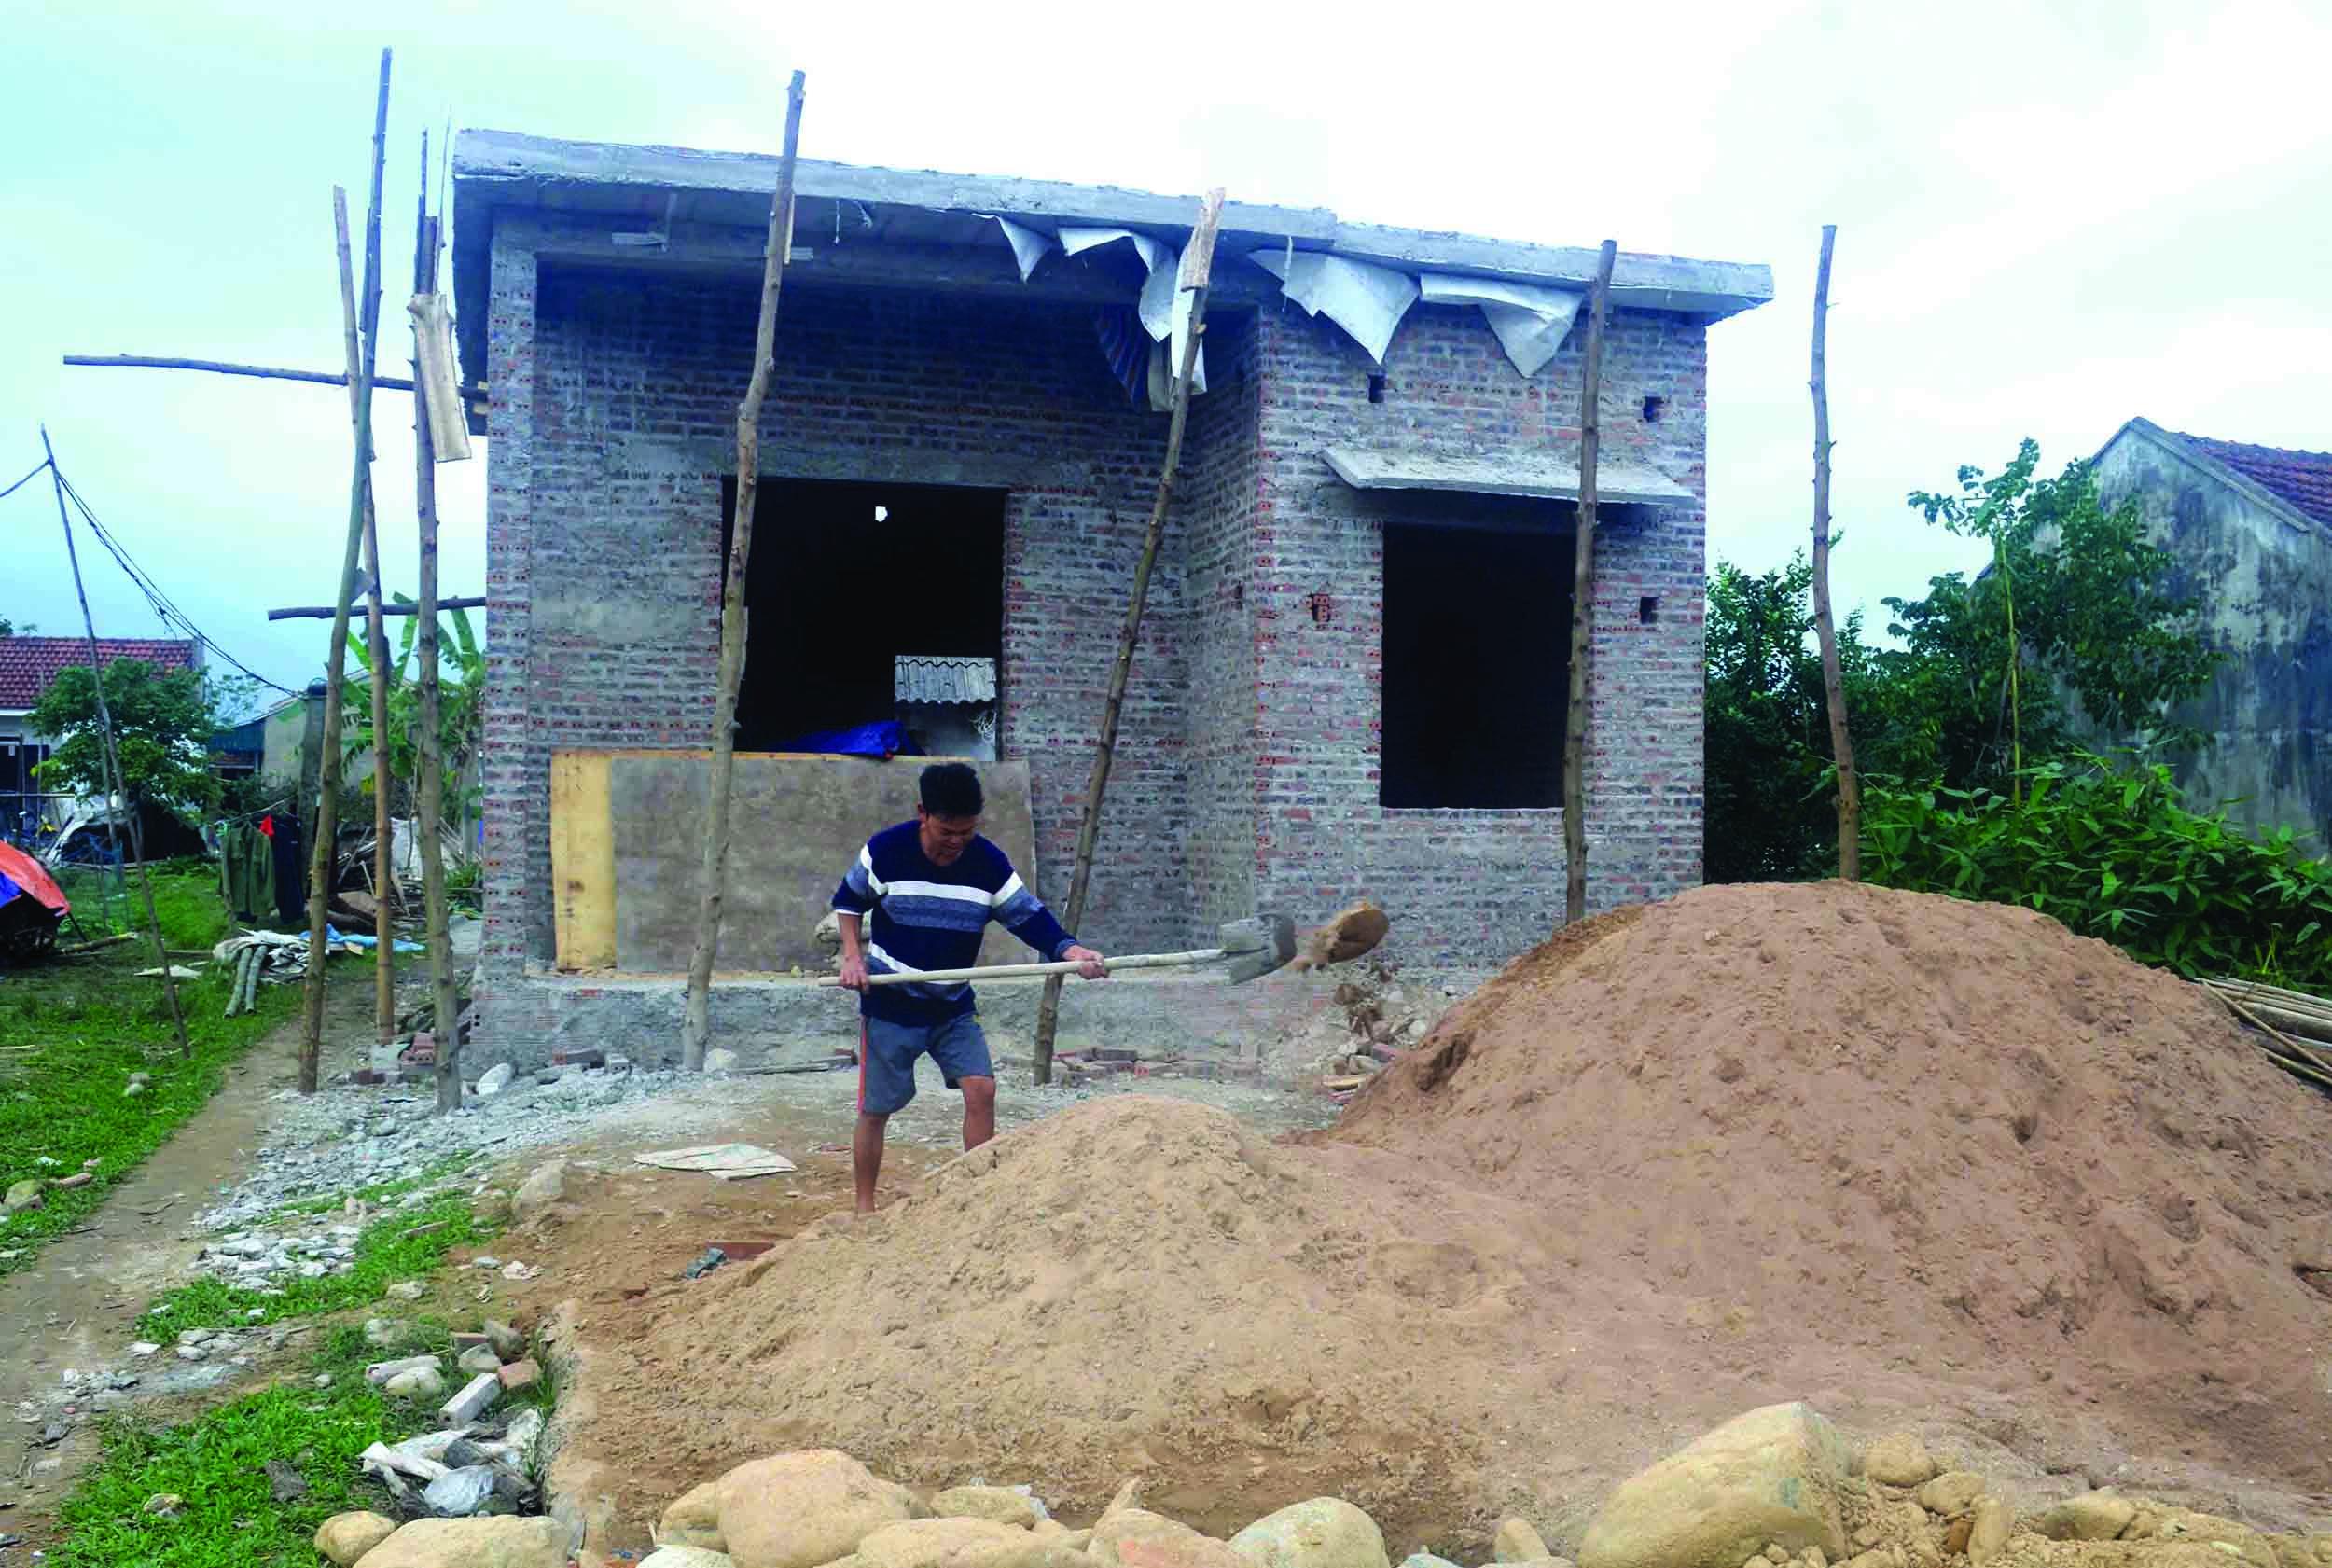 Nhiều hộ nghèo đã có những căn nhà kiên cố từ Chương trình 167. (Trong ảnh: Gia đình anh Phùn A Hà, thôn Thanh Sơn, xã Quảng Lợi, huyện Đầm Hà, (Quảng Ninh), được hỗ trợ xây nhà ở theo Chương trình 167).